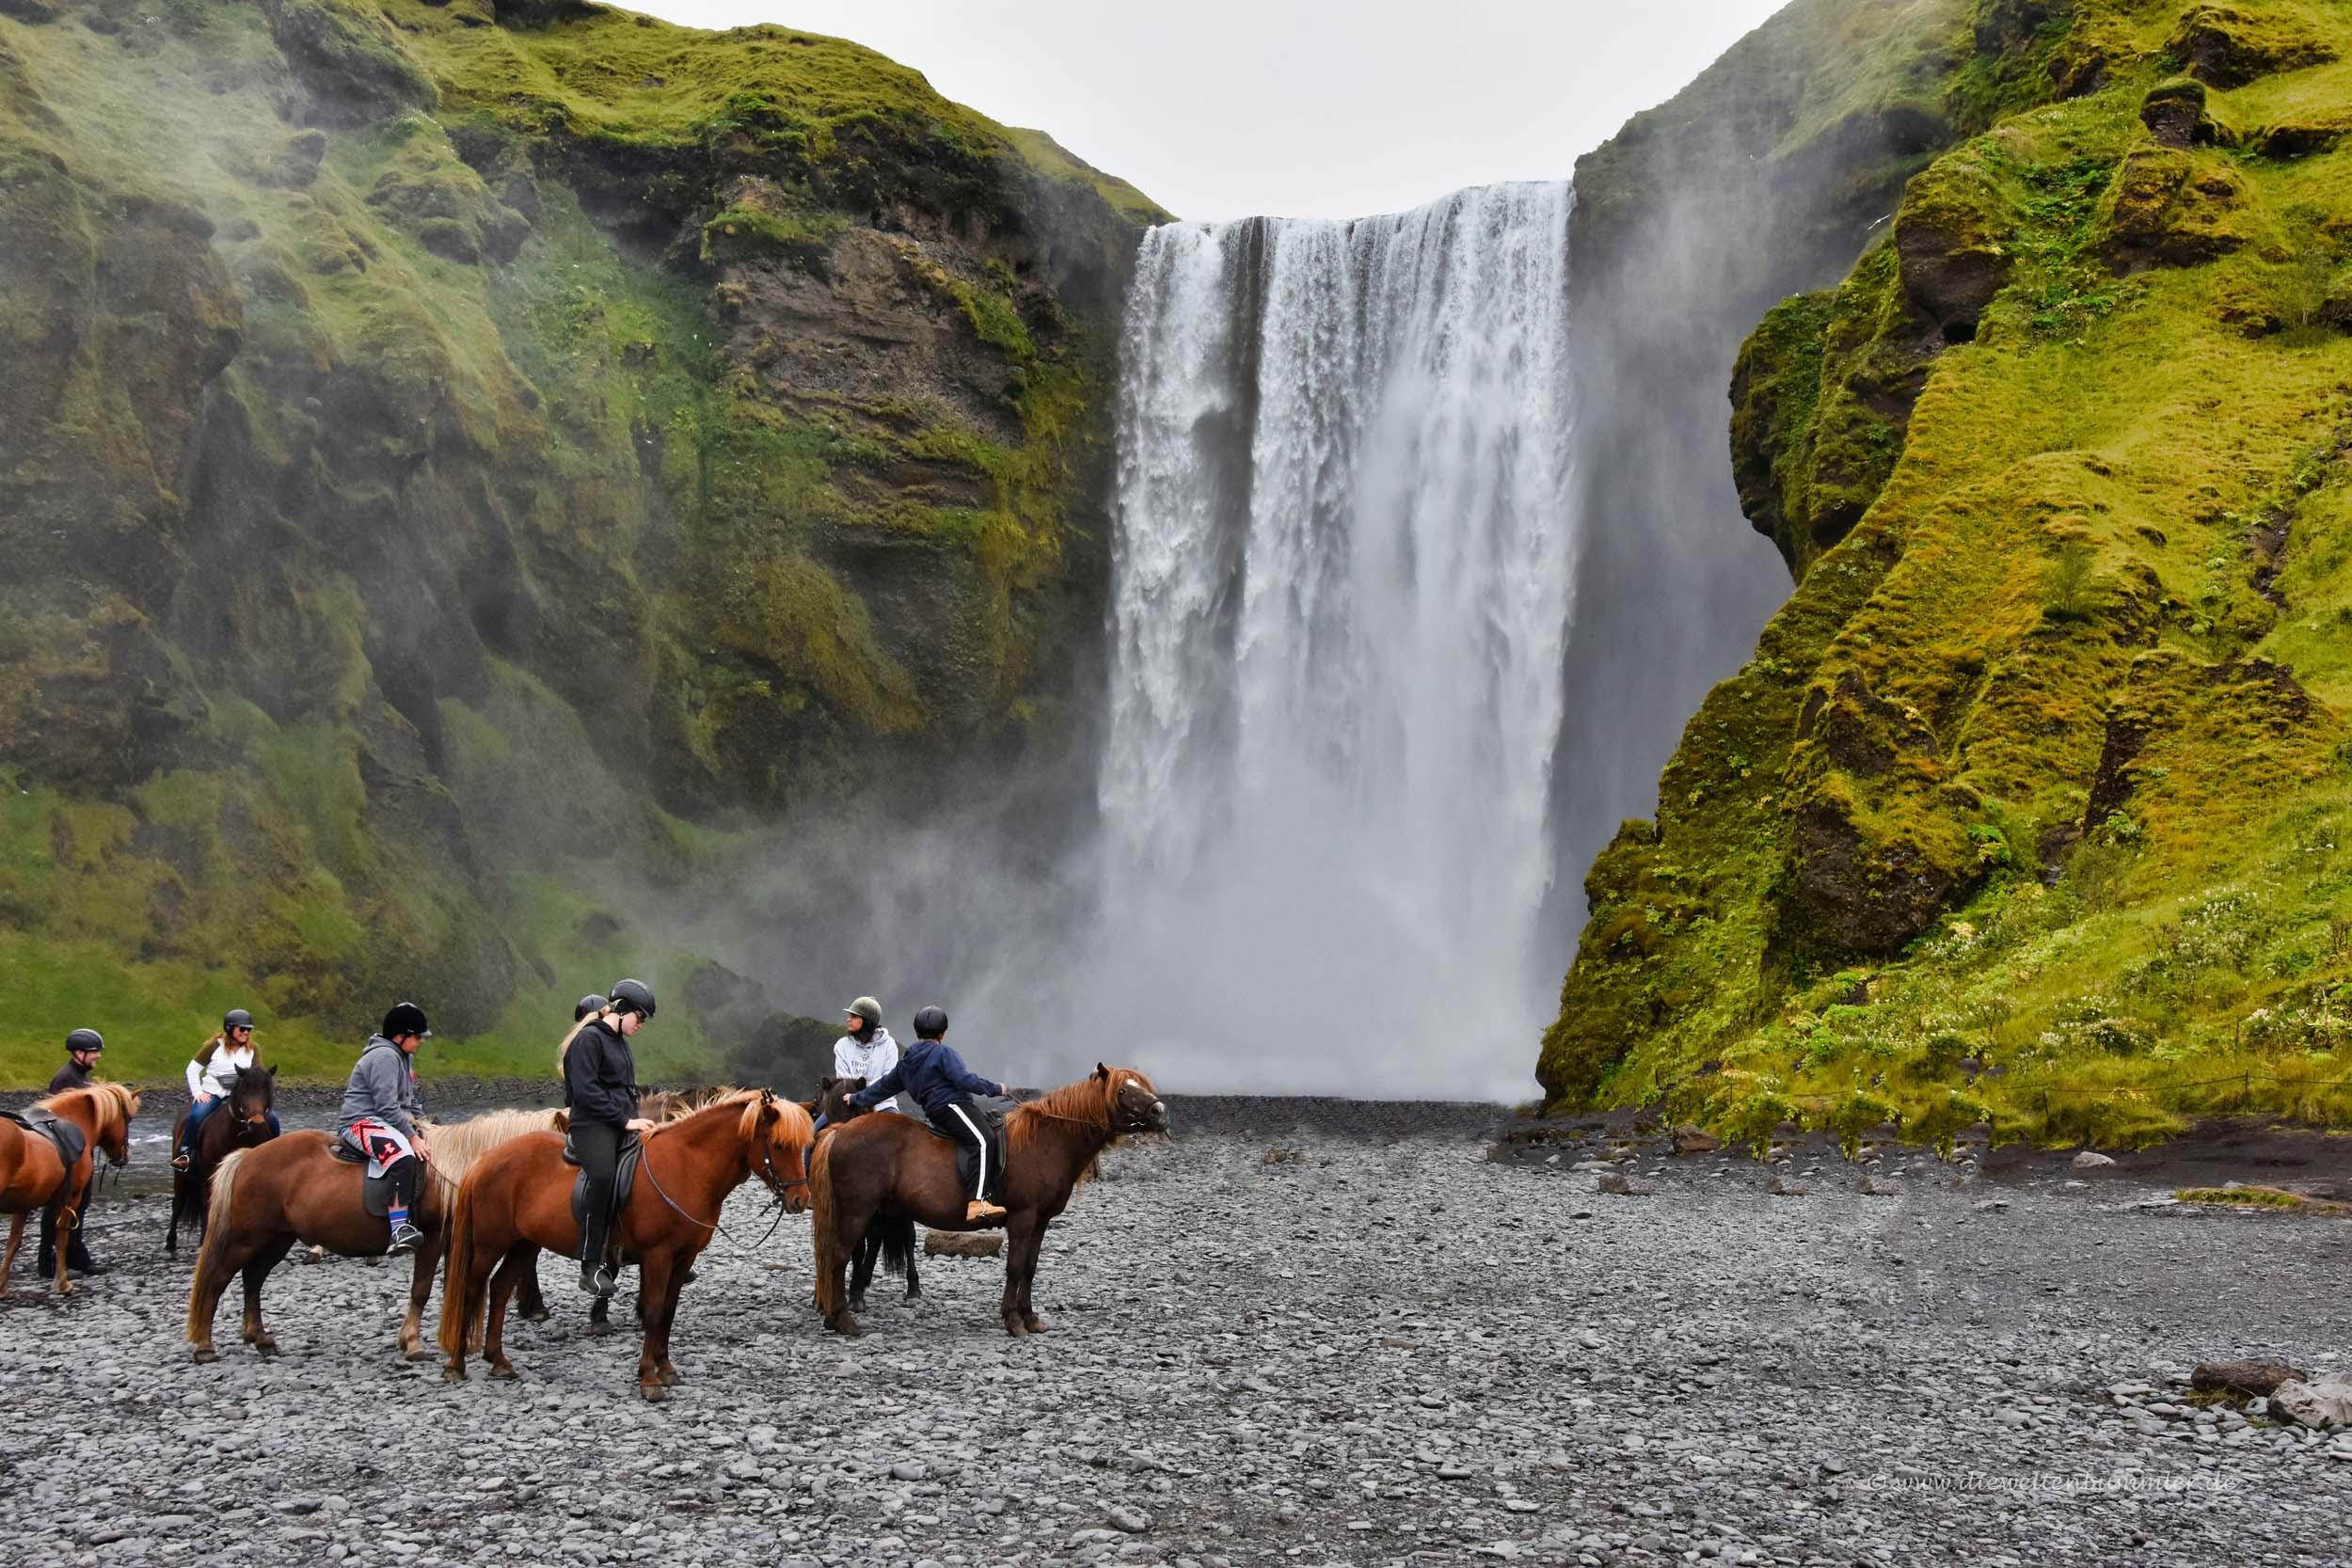 Reiter vor dem Wasserfall